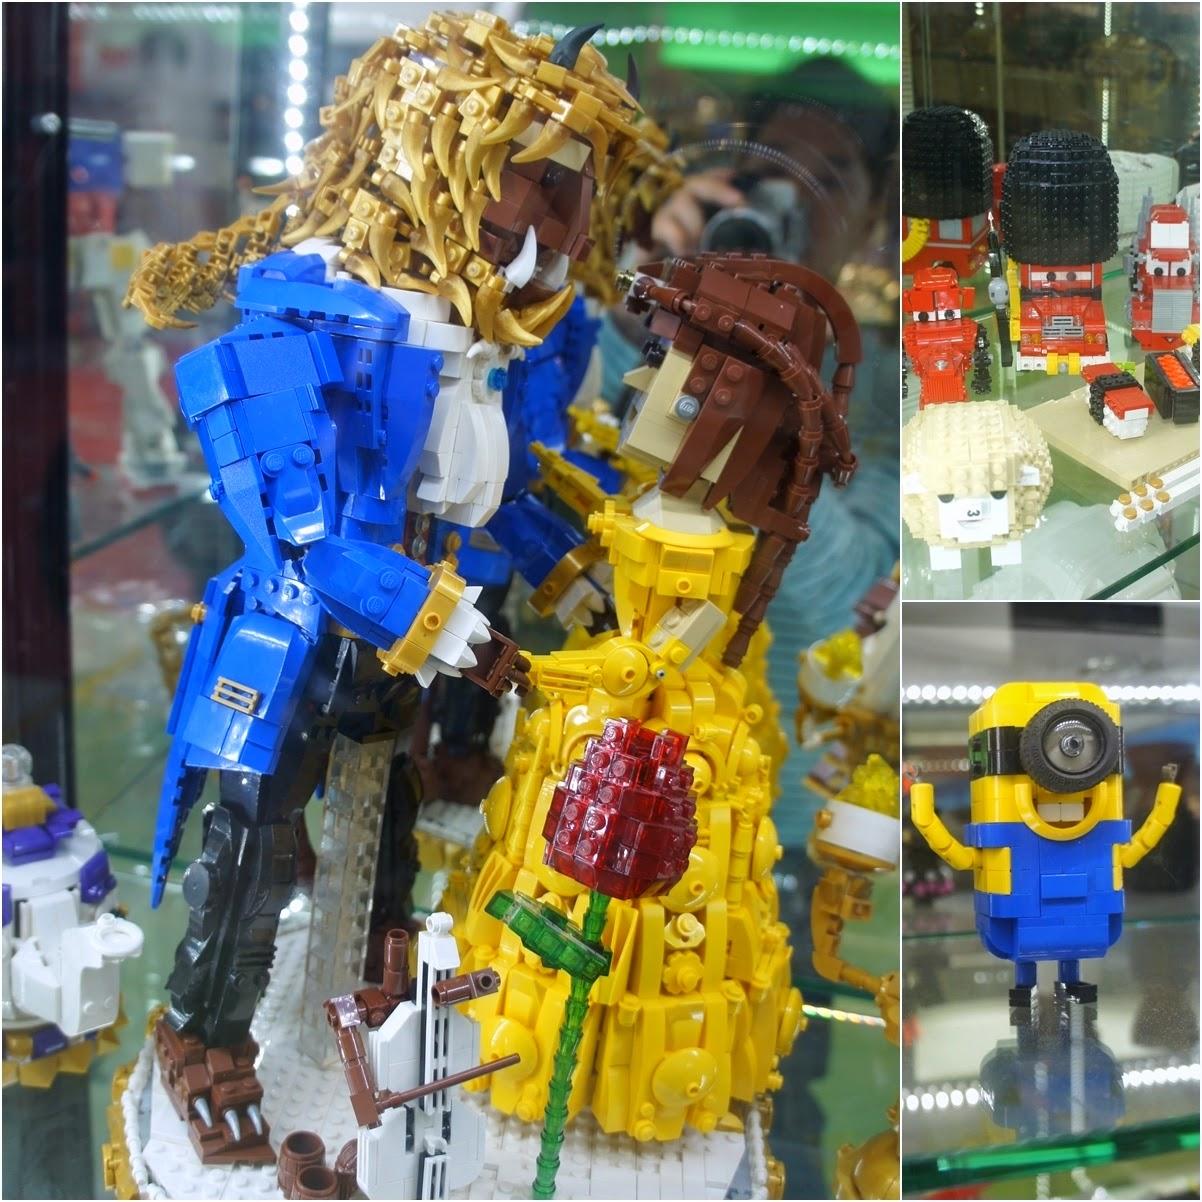 Lego關公像繼續守護旺角 @ 銀行中心 | 大仁生活 – U Blog 博客